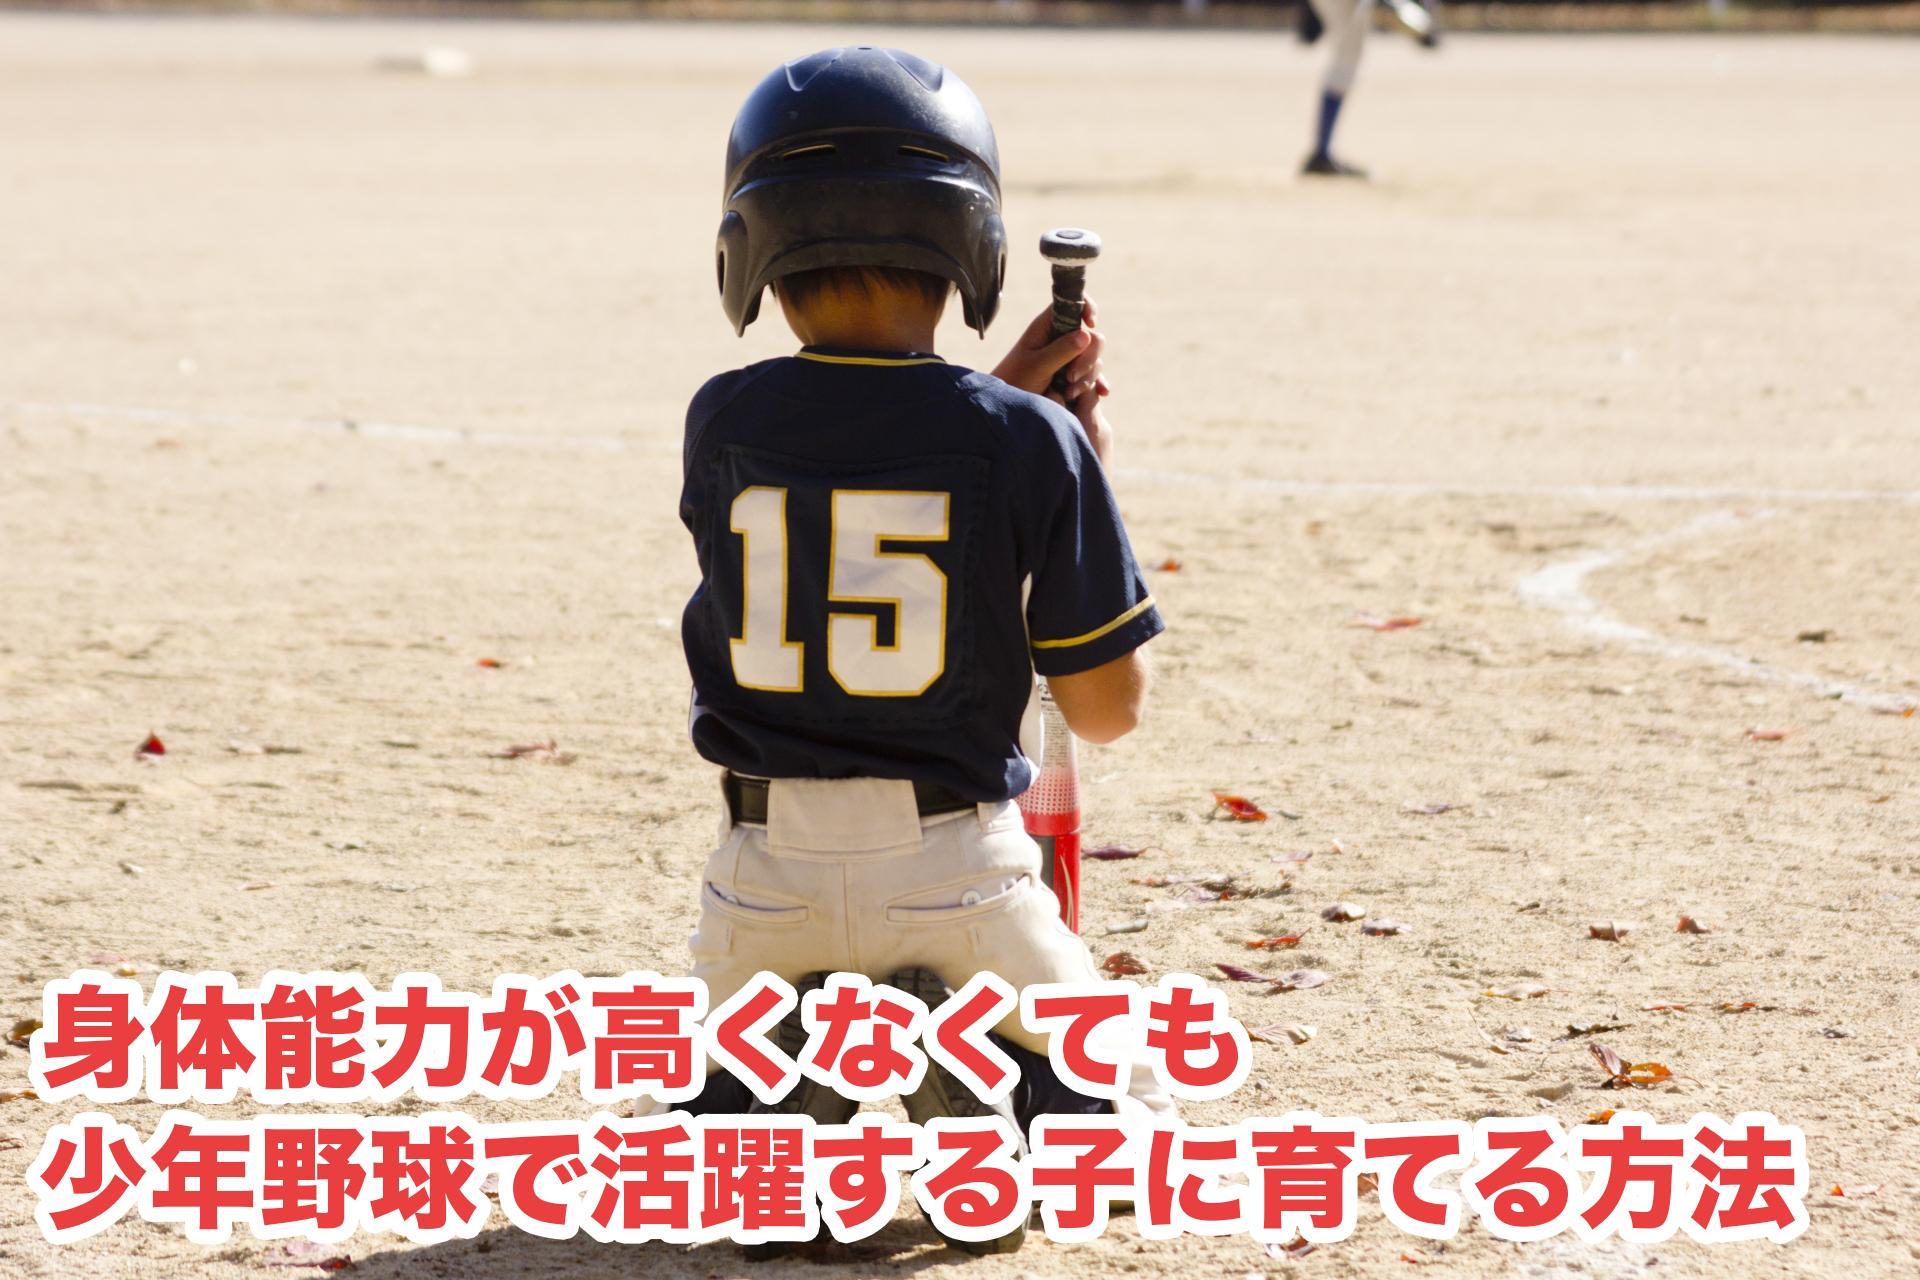 【センス無しでも】身体能力が高くなくても少年野球で活躍する子に育てる方法